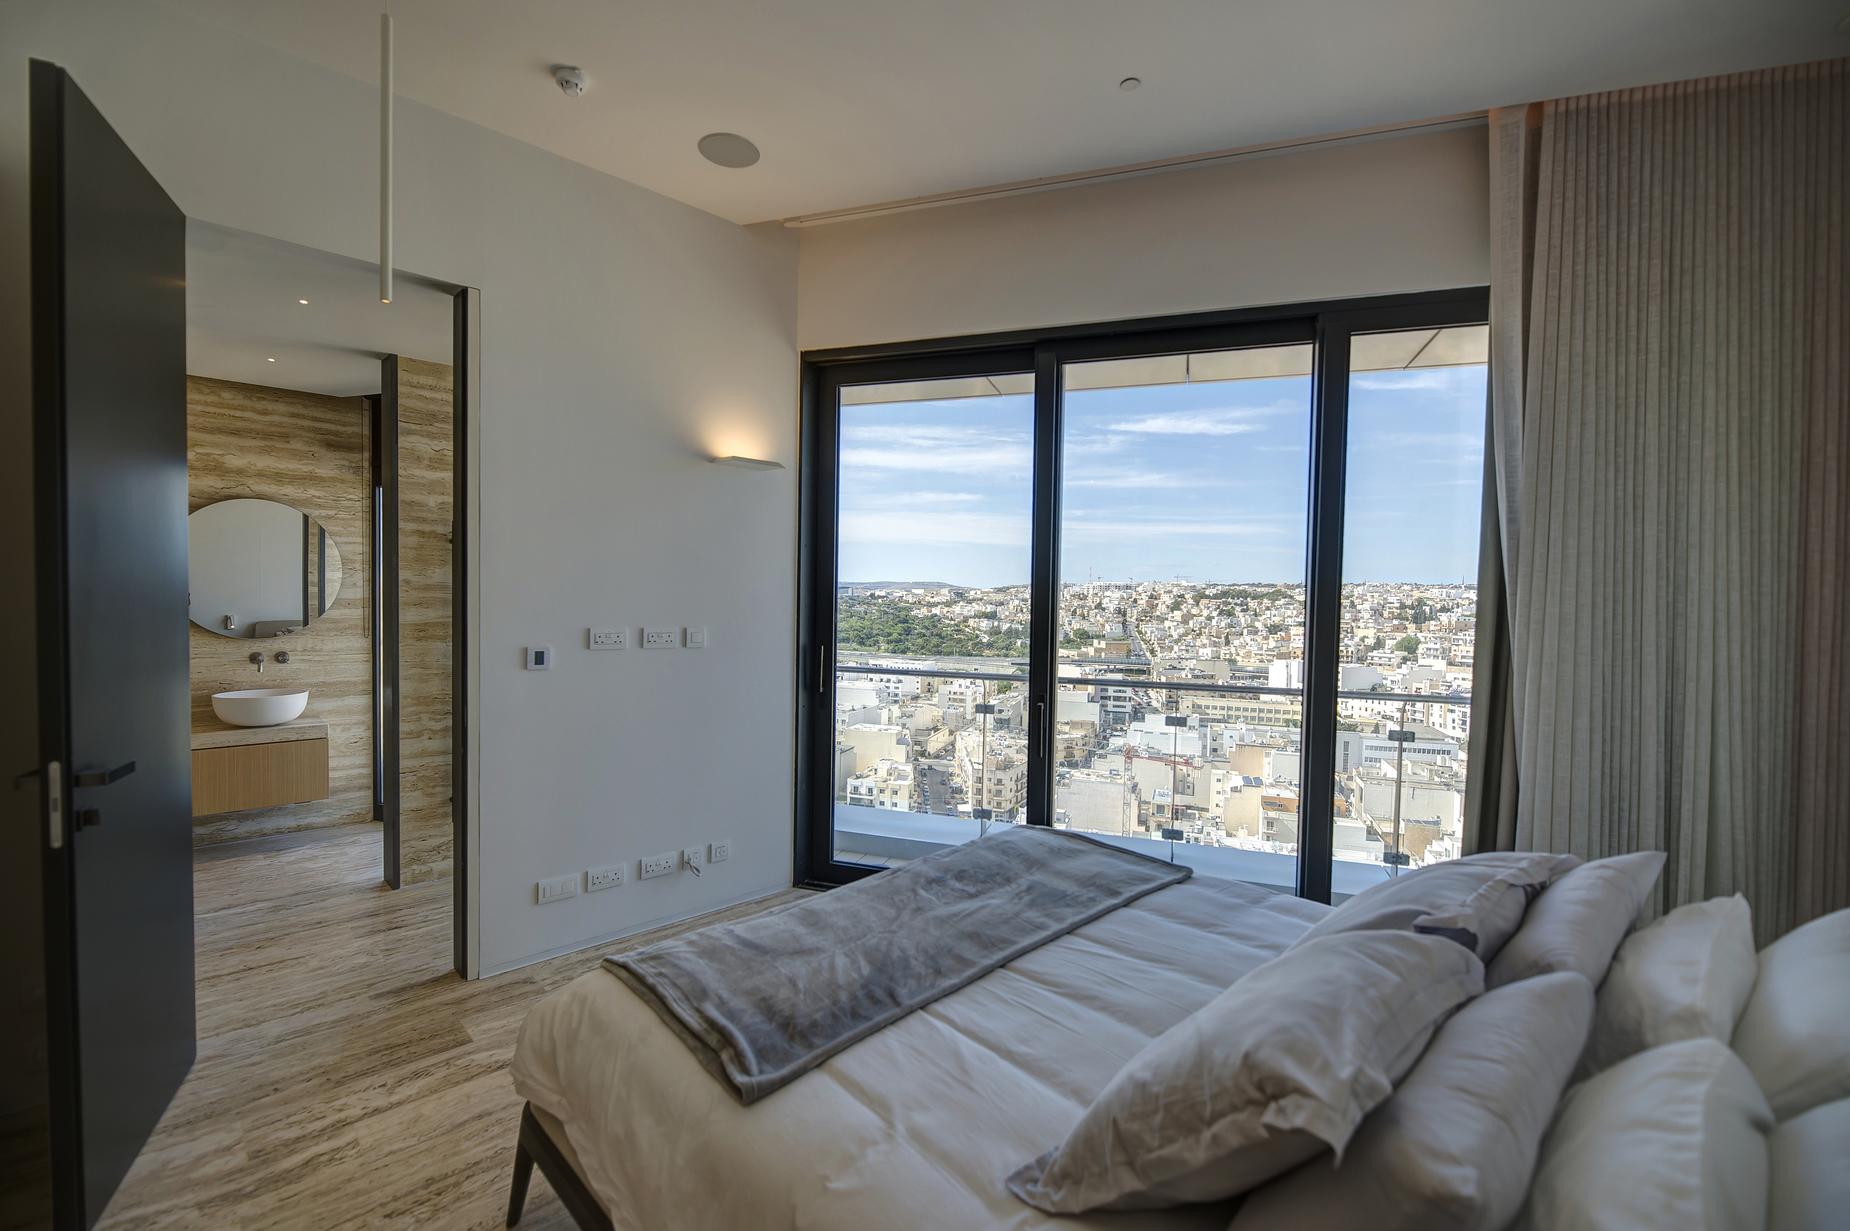 3 bed Apartment For Sale in Gzira, Gzira - thumb 26